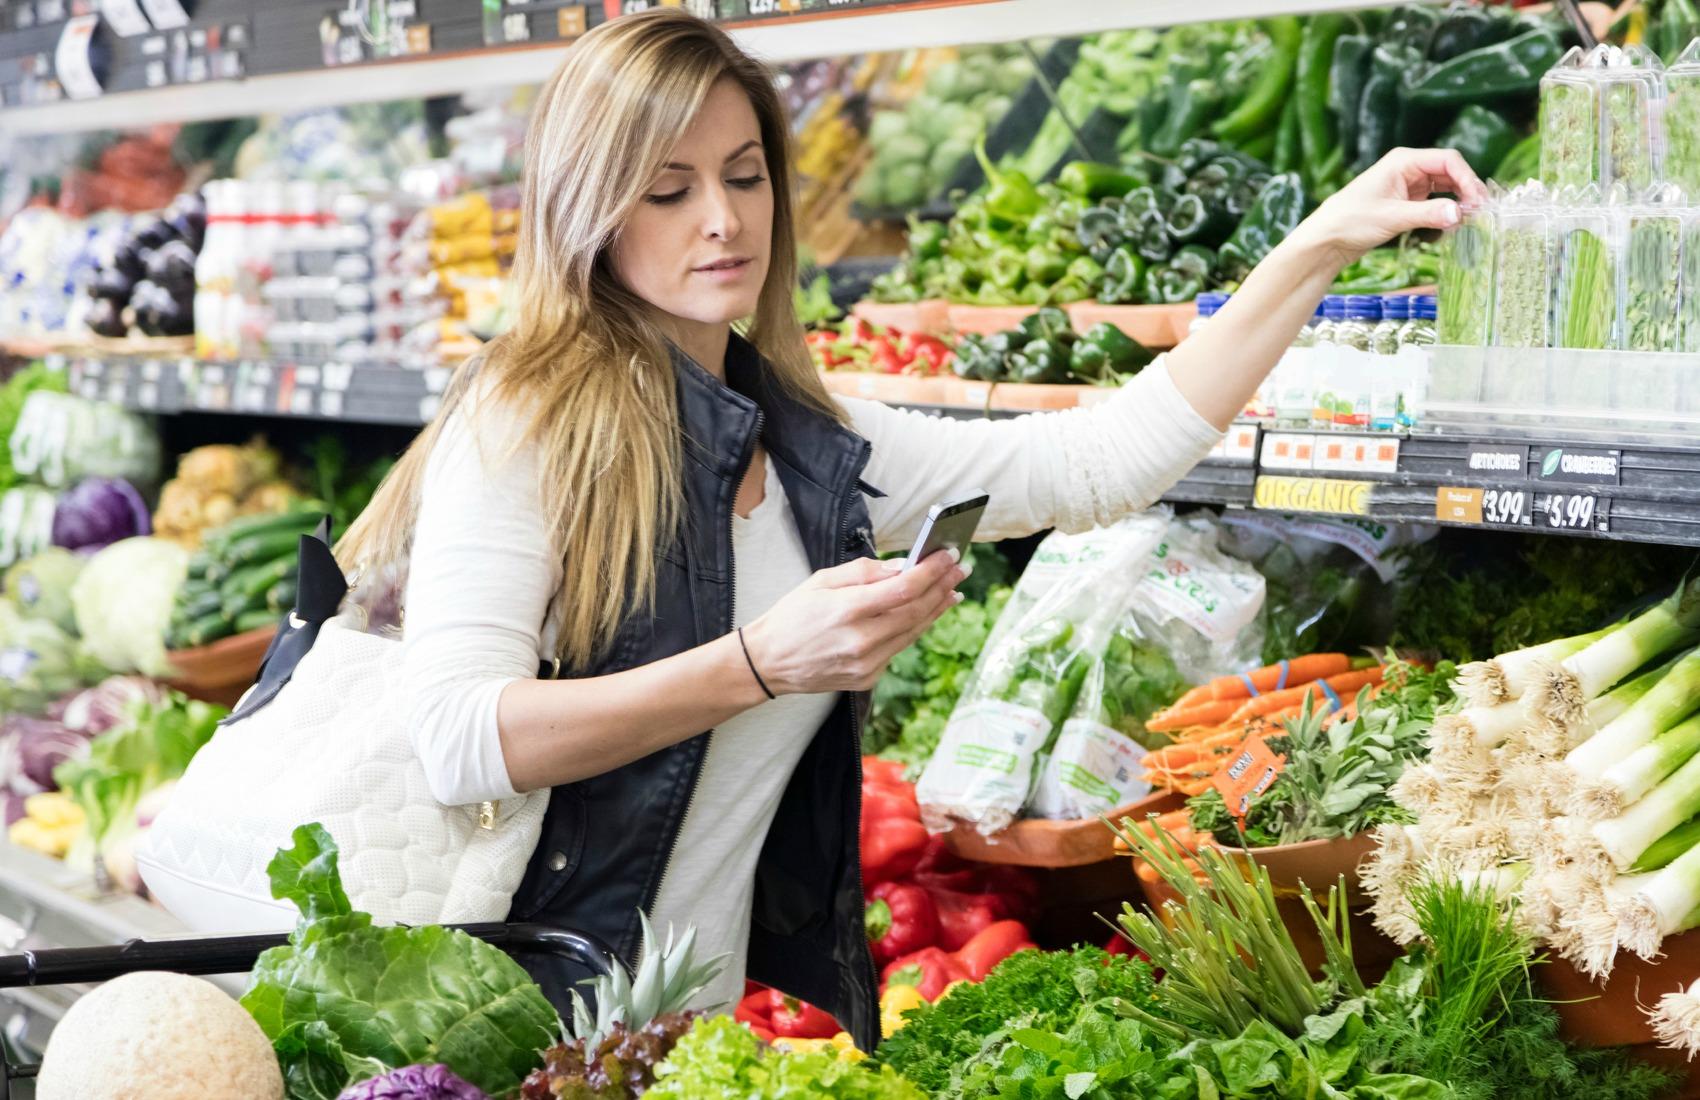 dieta facile per chi lavora